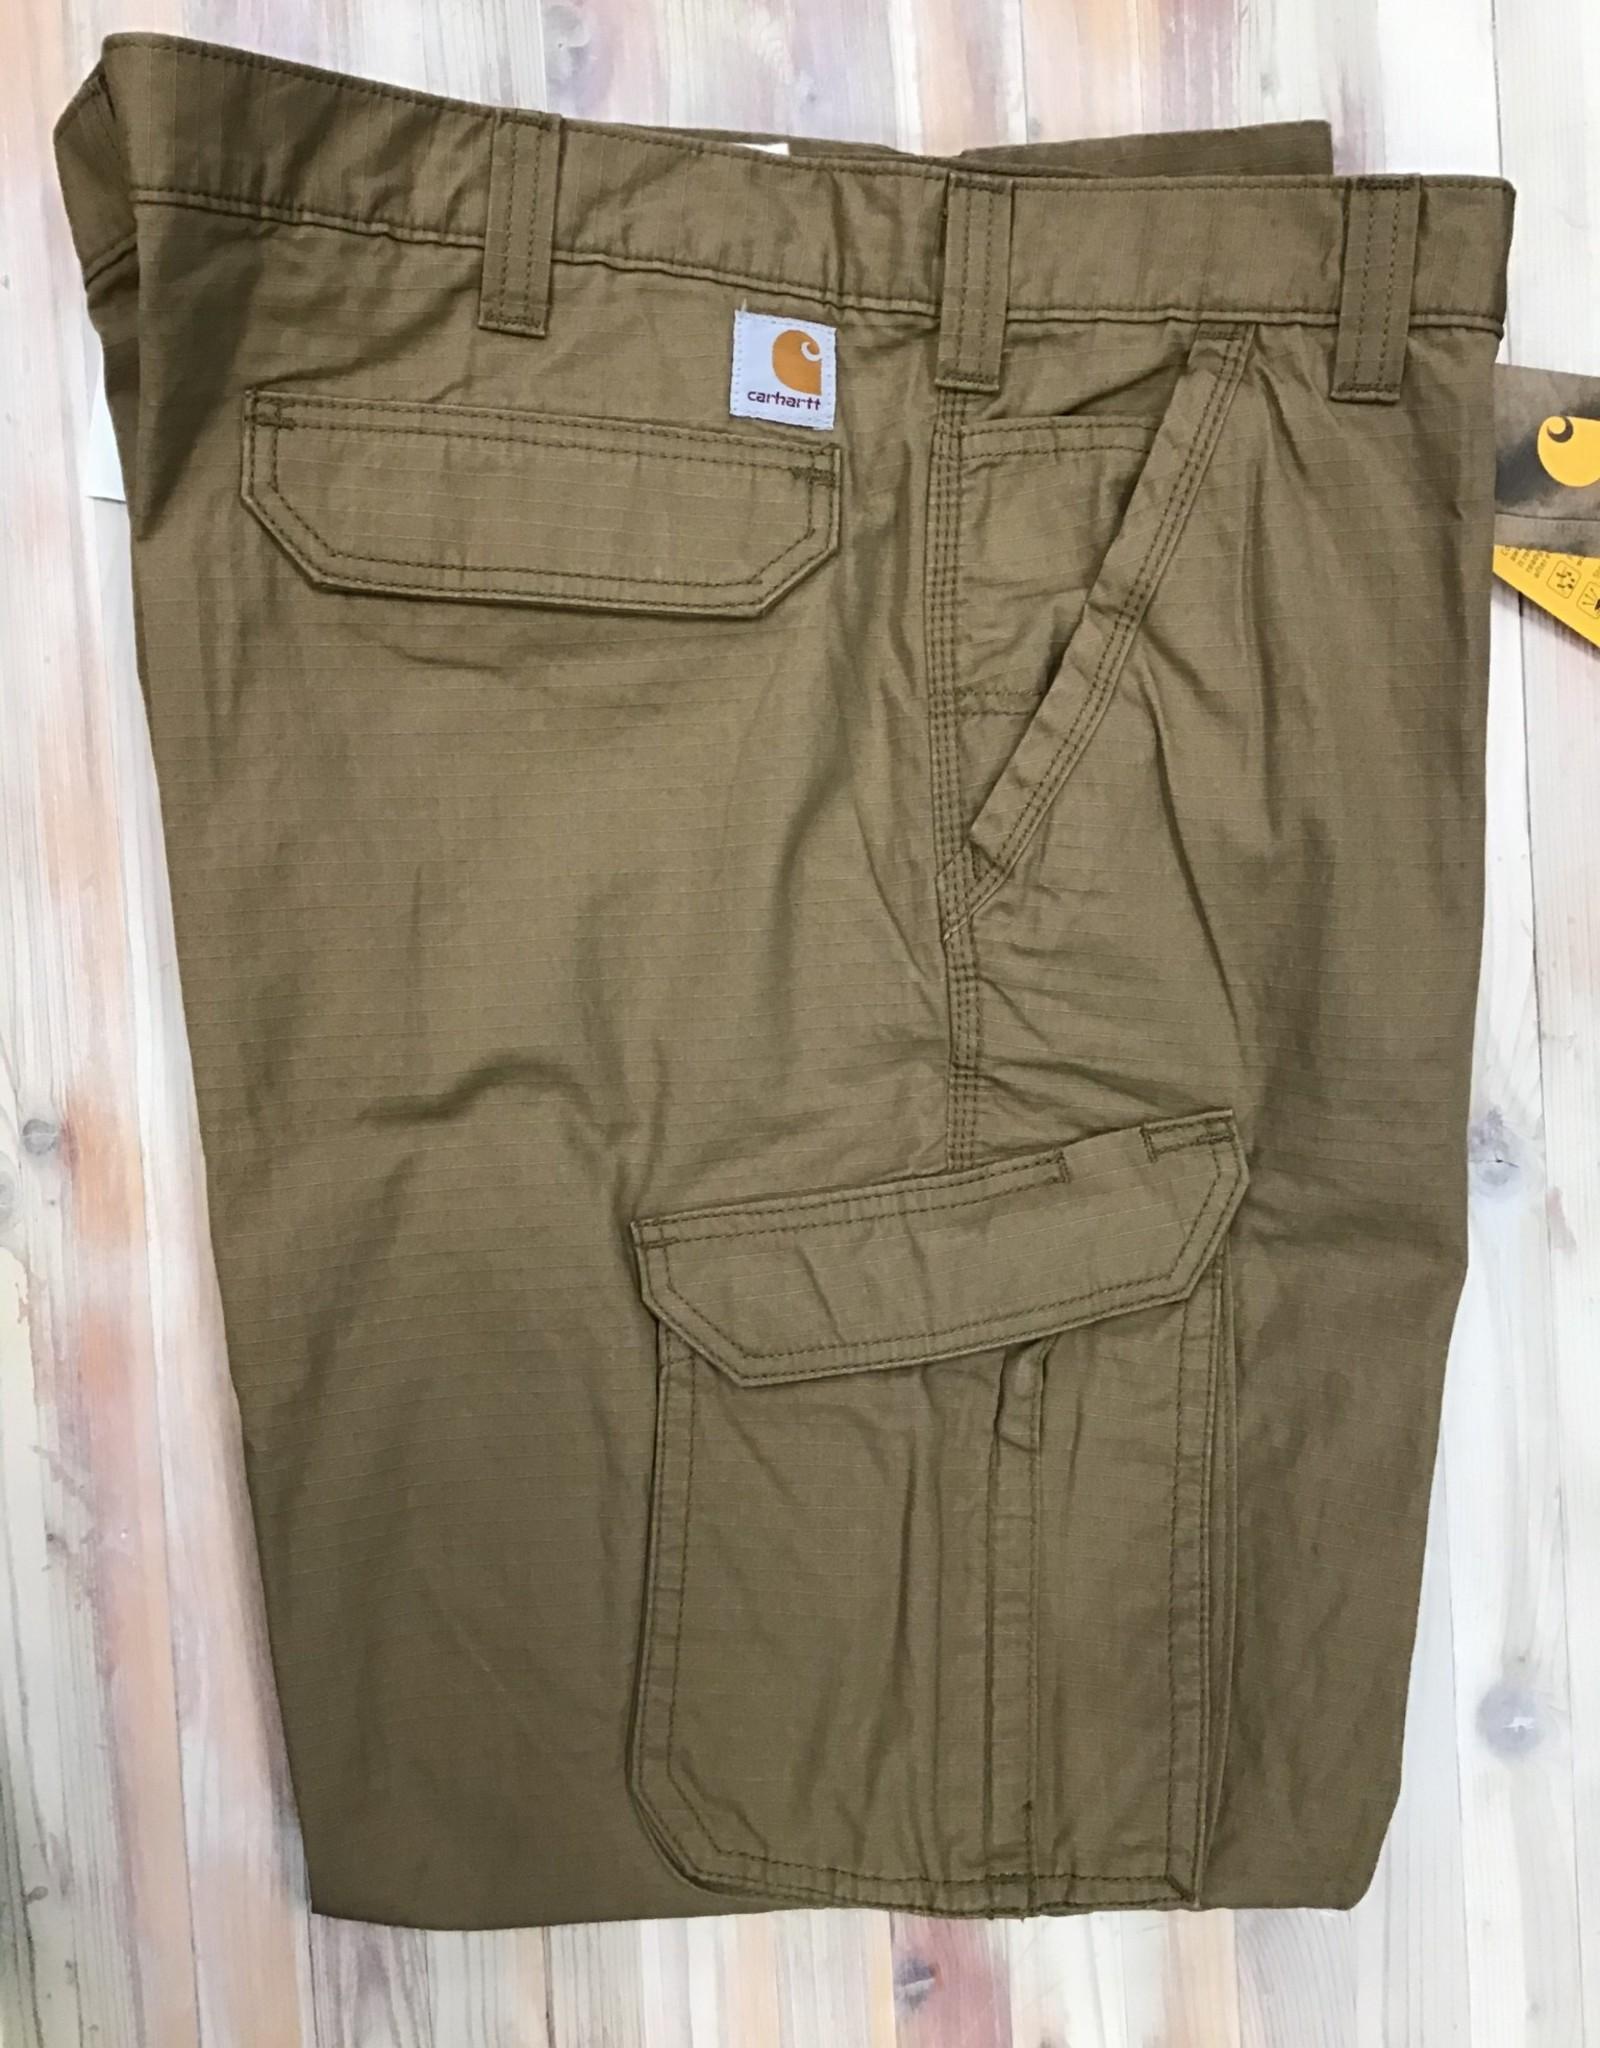 Carhartt Carhartt 101148 Force Tappen Cargo Pant Men's